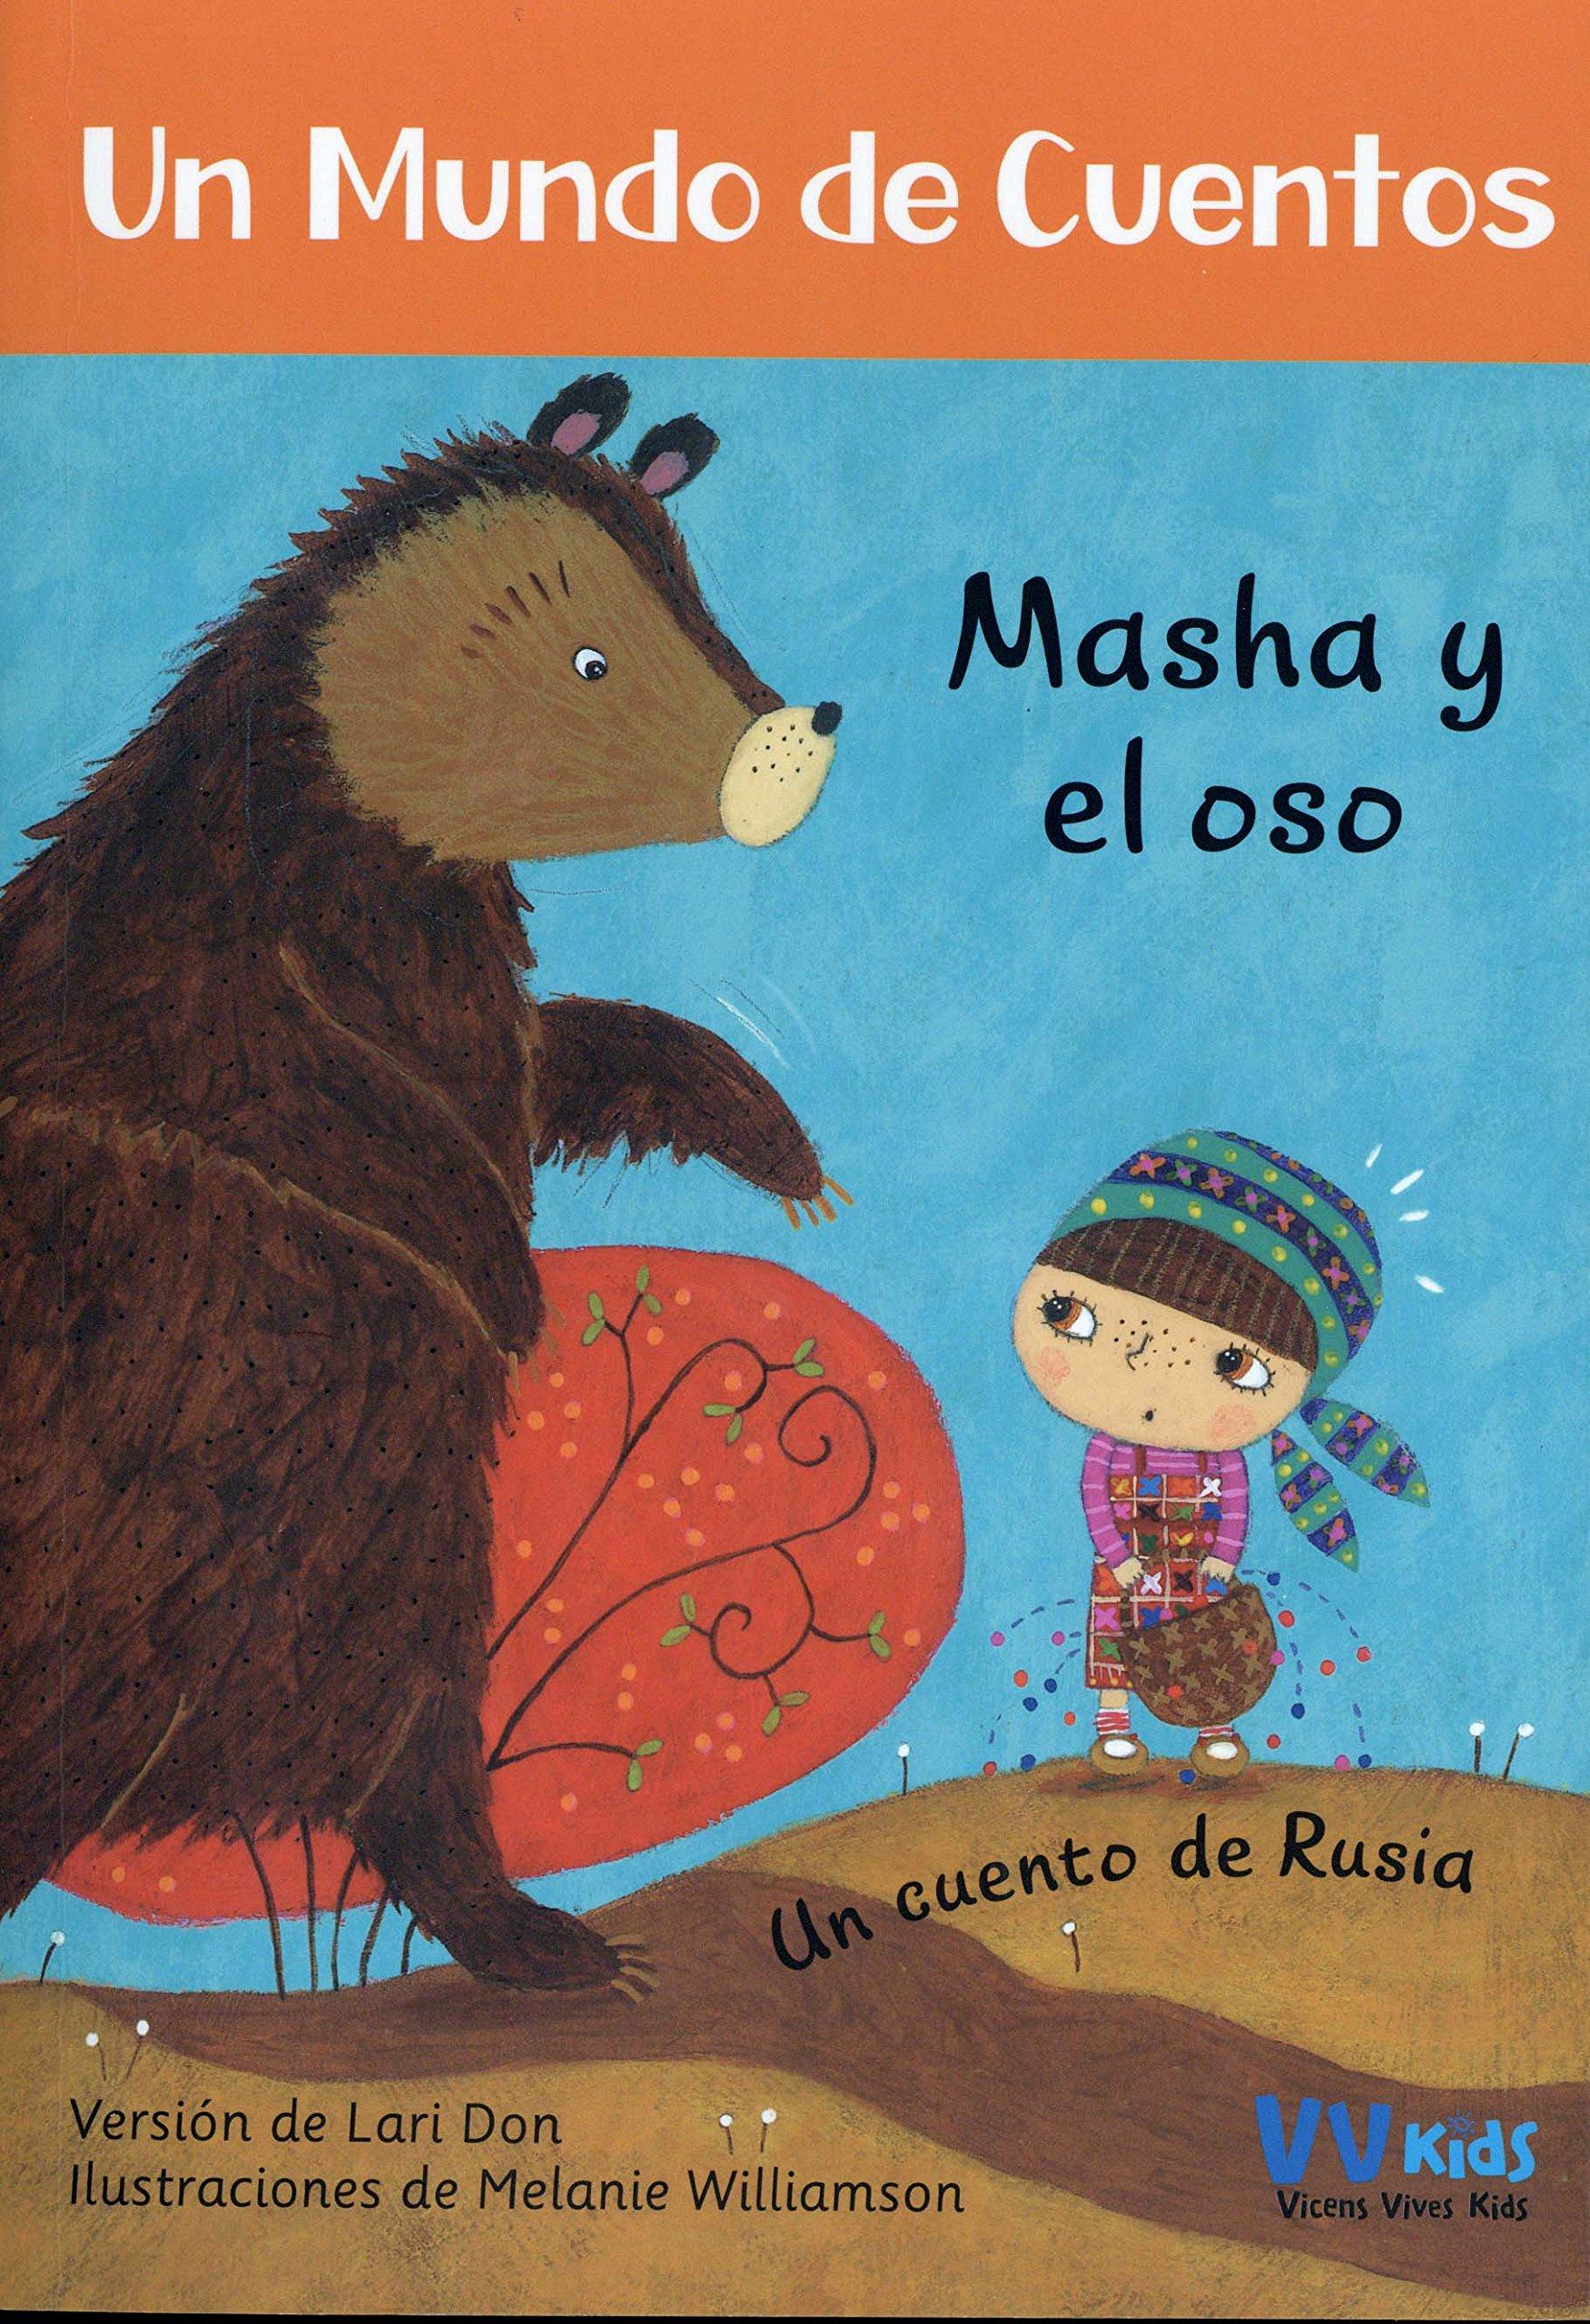 Un mundo de cuentos. Un cuento de Rusia. Masha y el oso (Spanish Edition) pdf epub